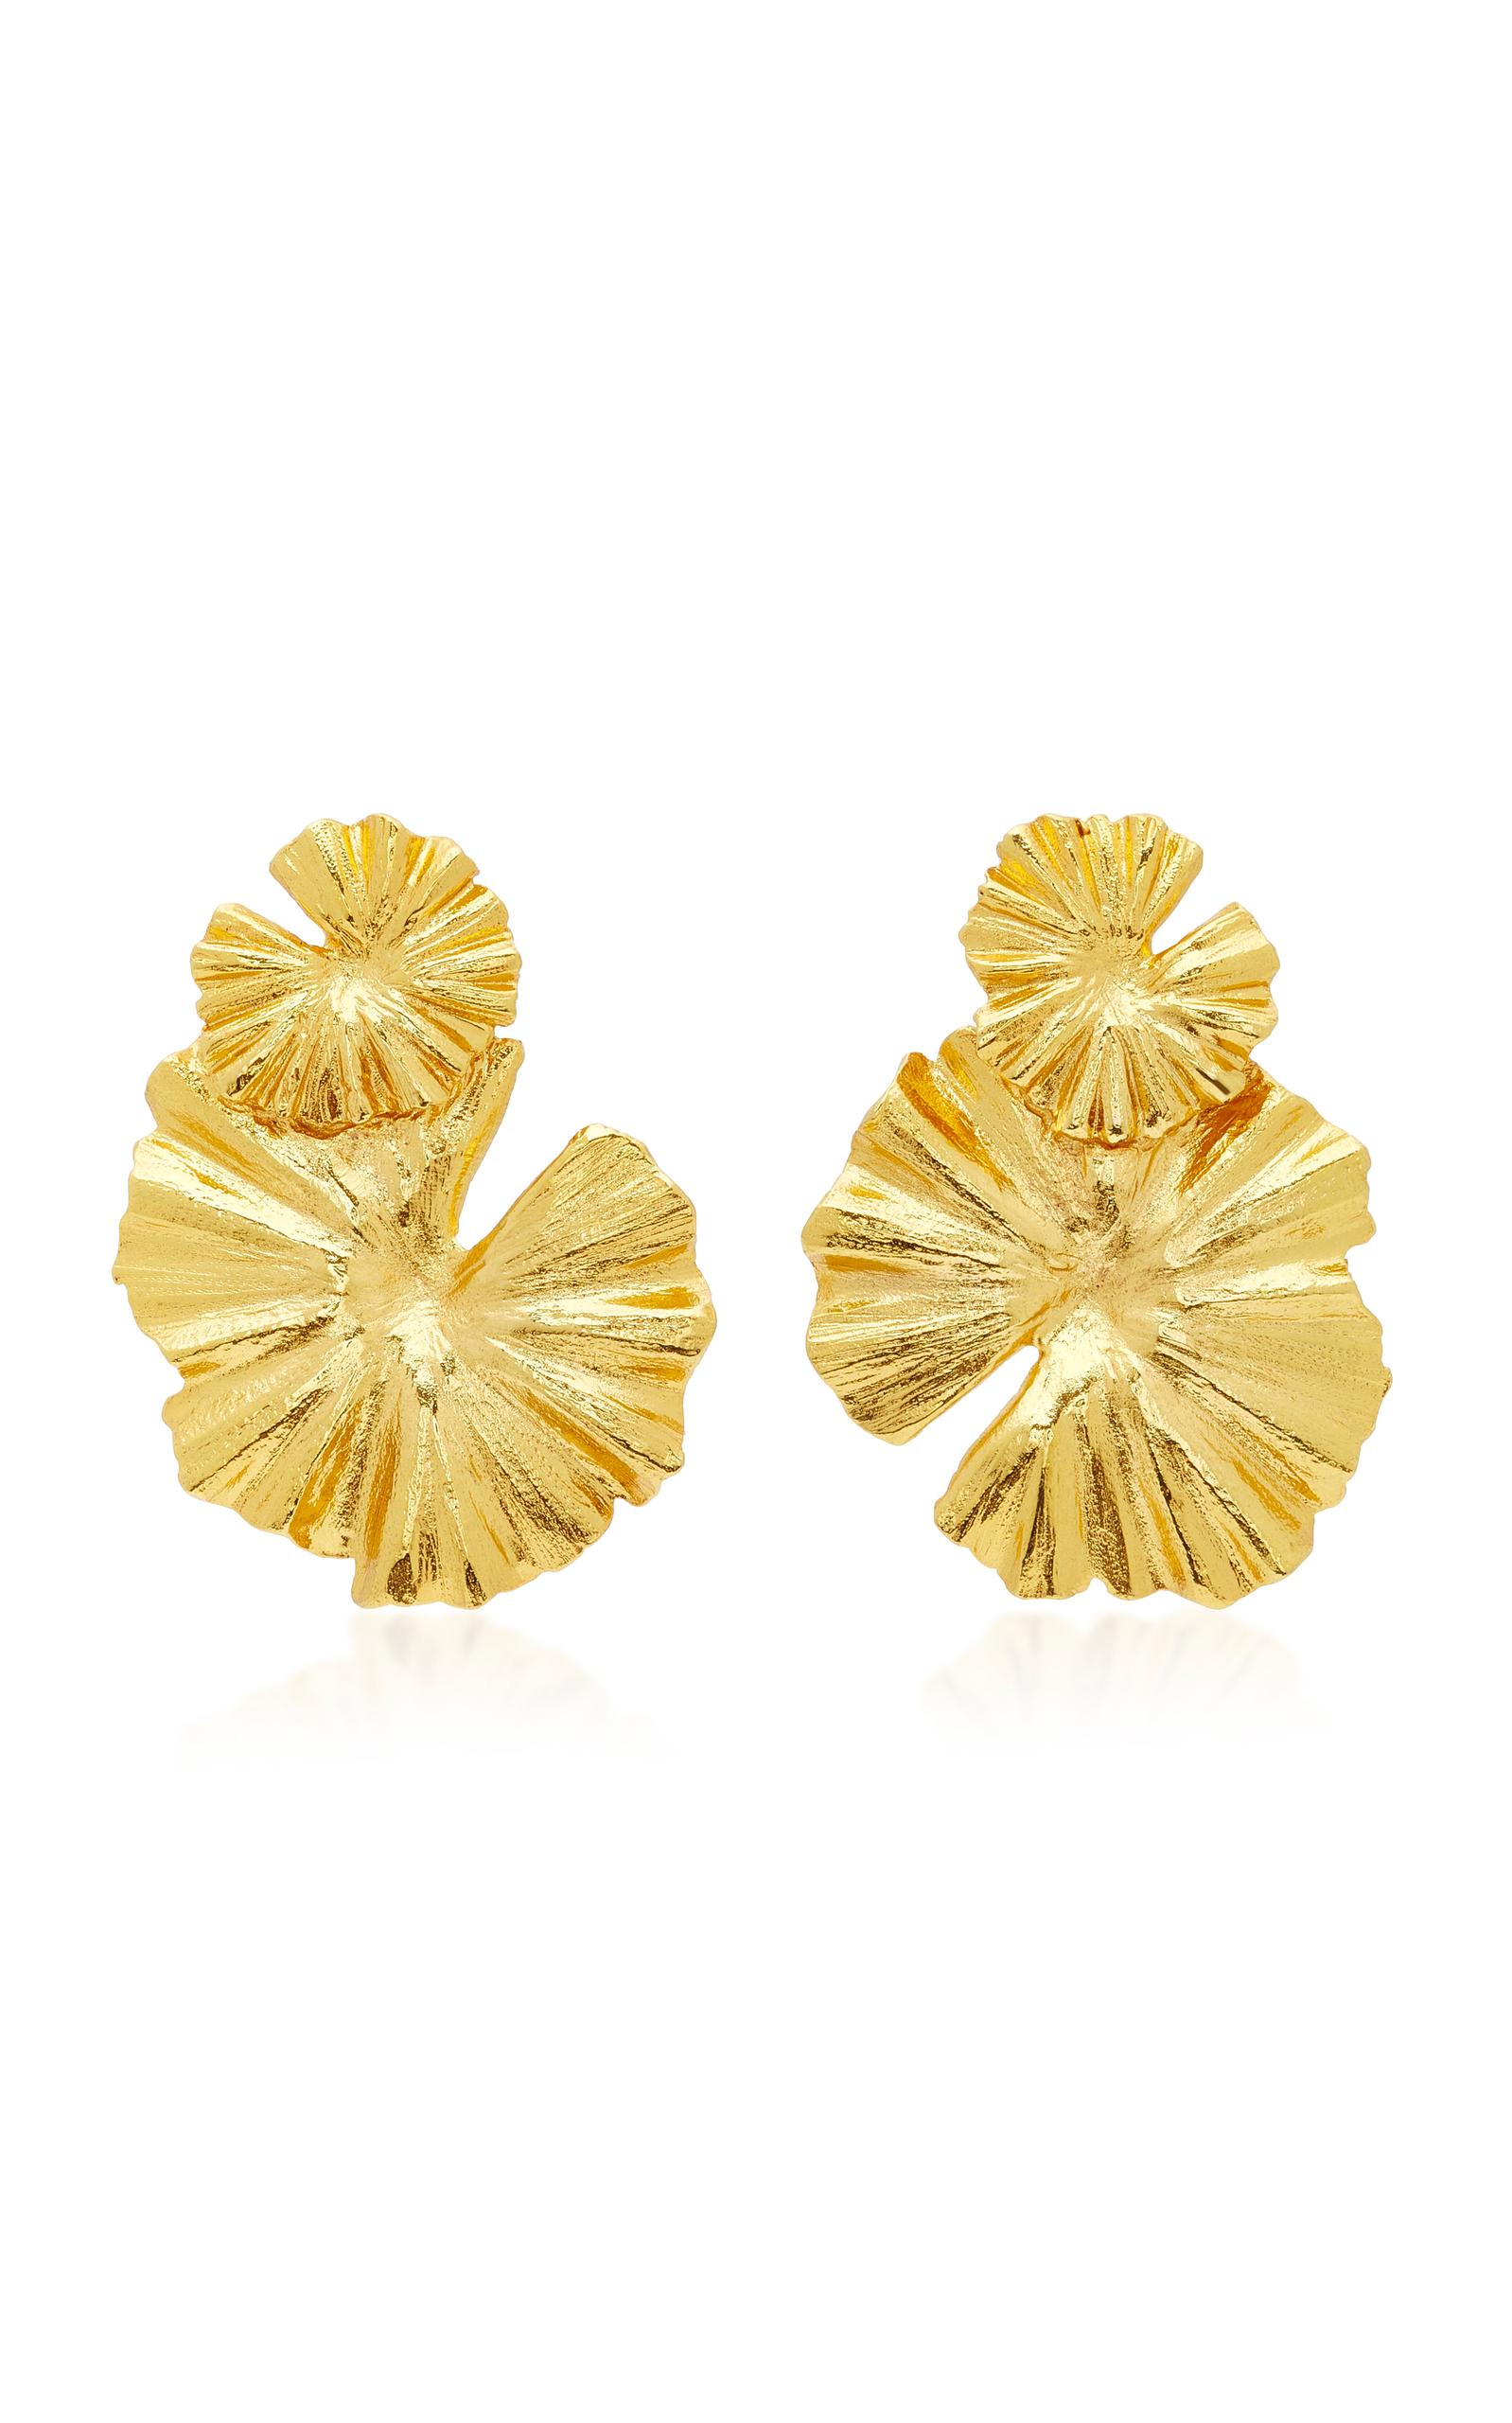 Wildflower Gold-Tone Earrings by Oscar de la Renta  5ebb06e318